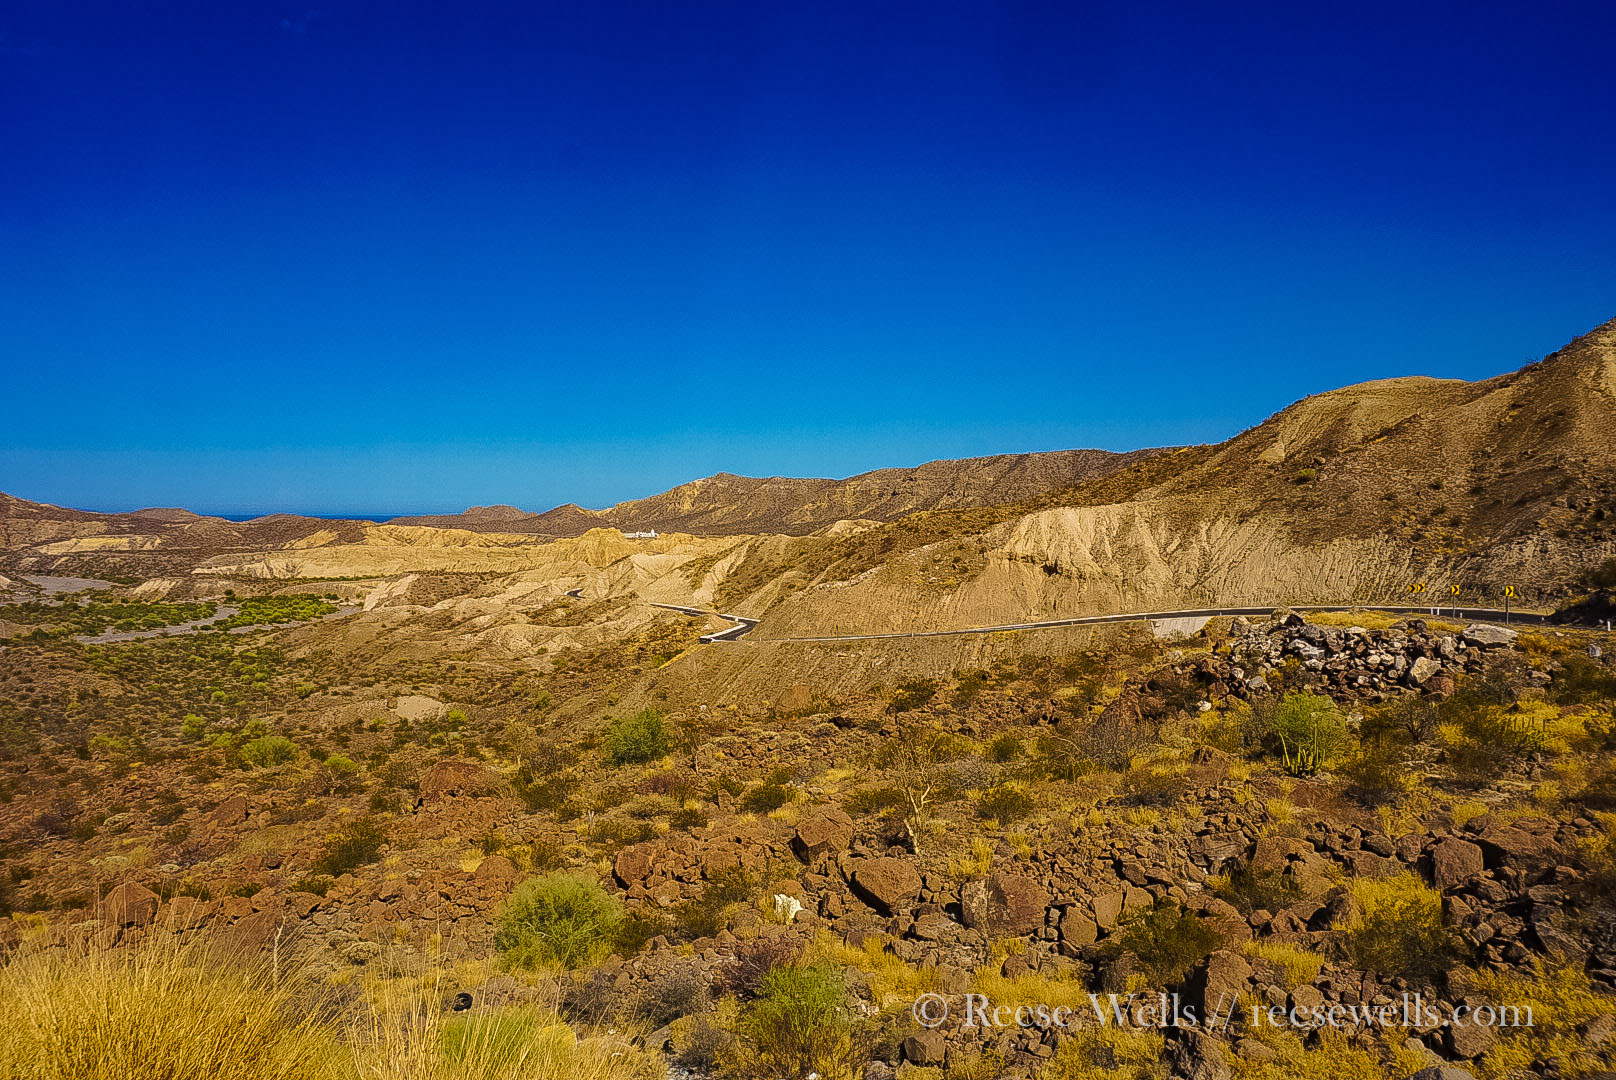 The descent into Santa Rosalia! Whee!